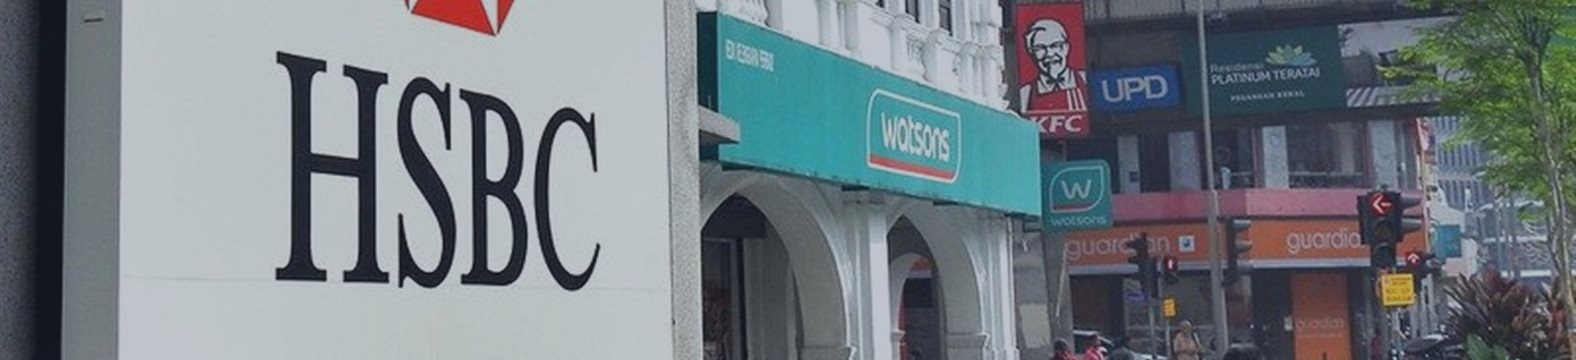 HSBC сократит инвестиционный банк и 35 000 рабочих мест